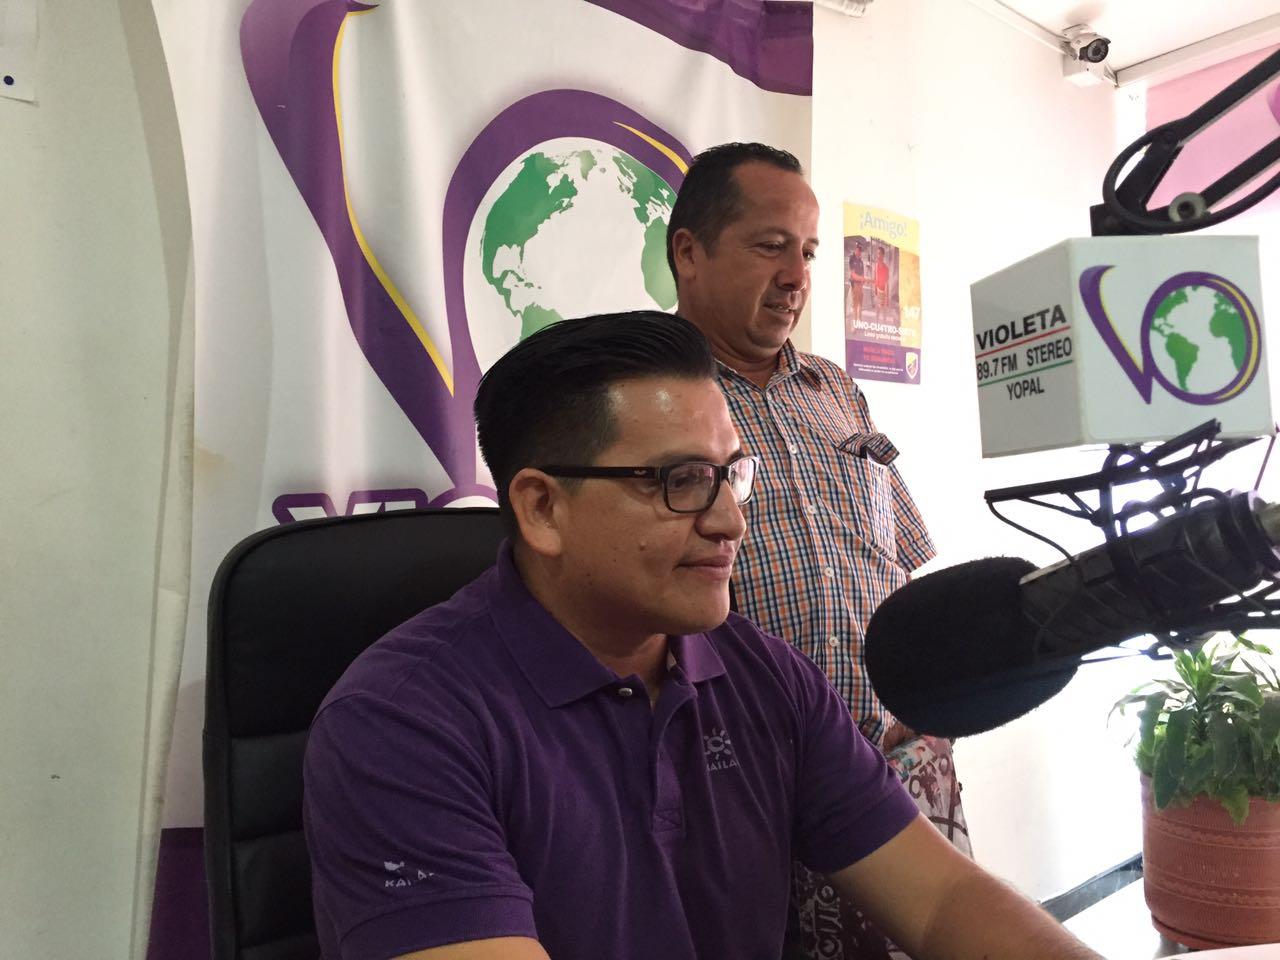 Miembros de SOS  Yopal colectivo ciudadano  aclaran que no hacen parte del grupo de personas que está promoviendo la revocatoria del alcalde Jonh Jairo Torres.